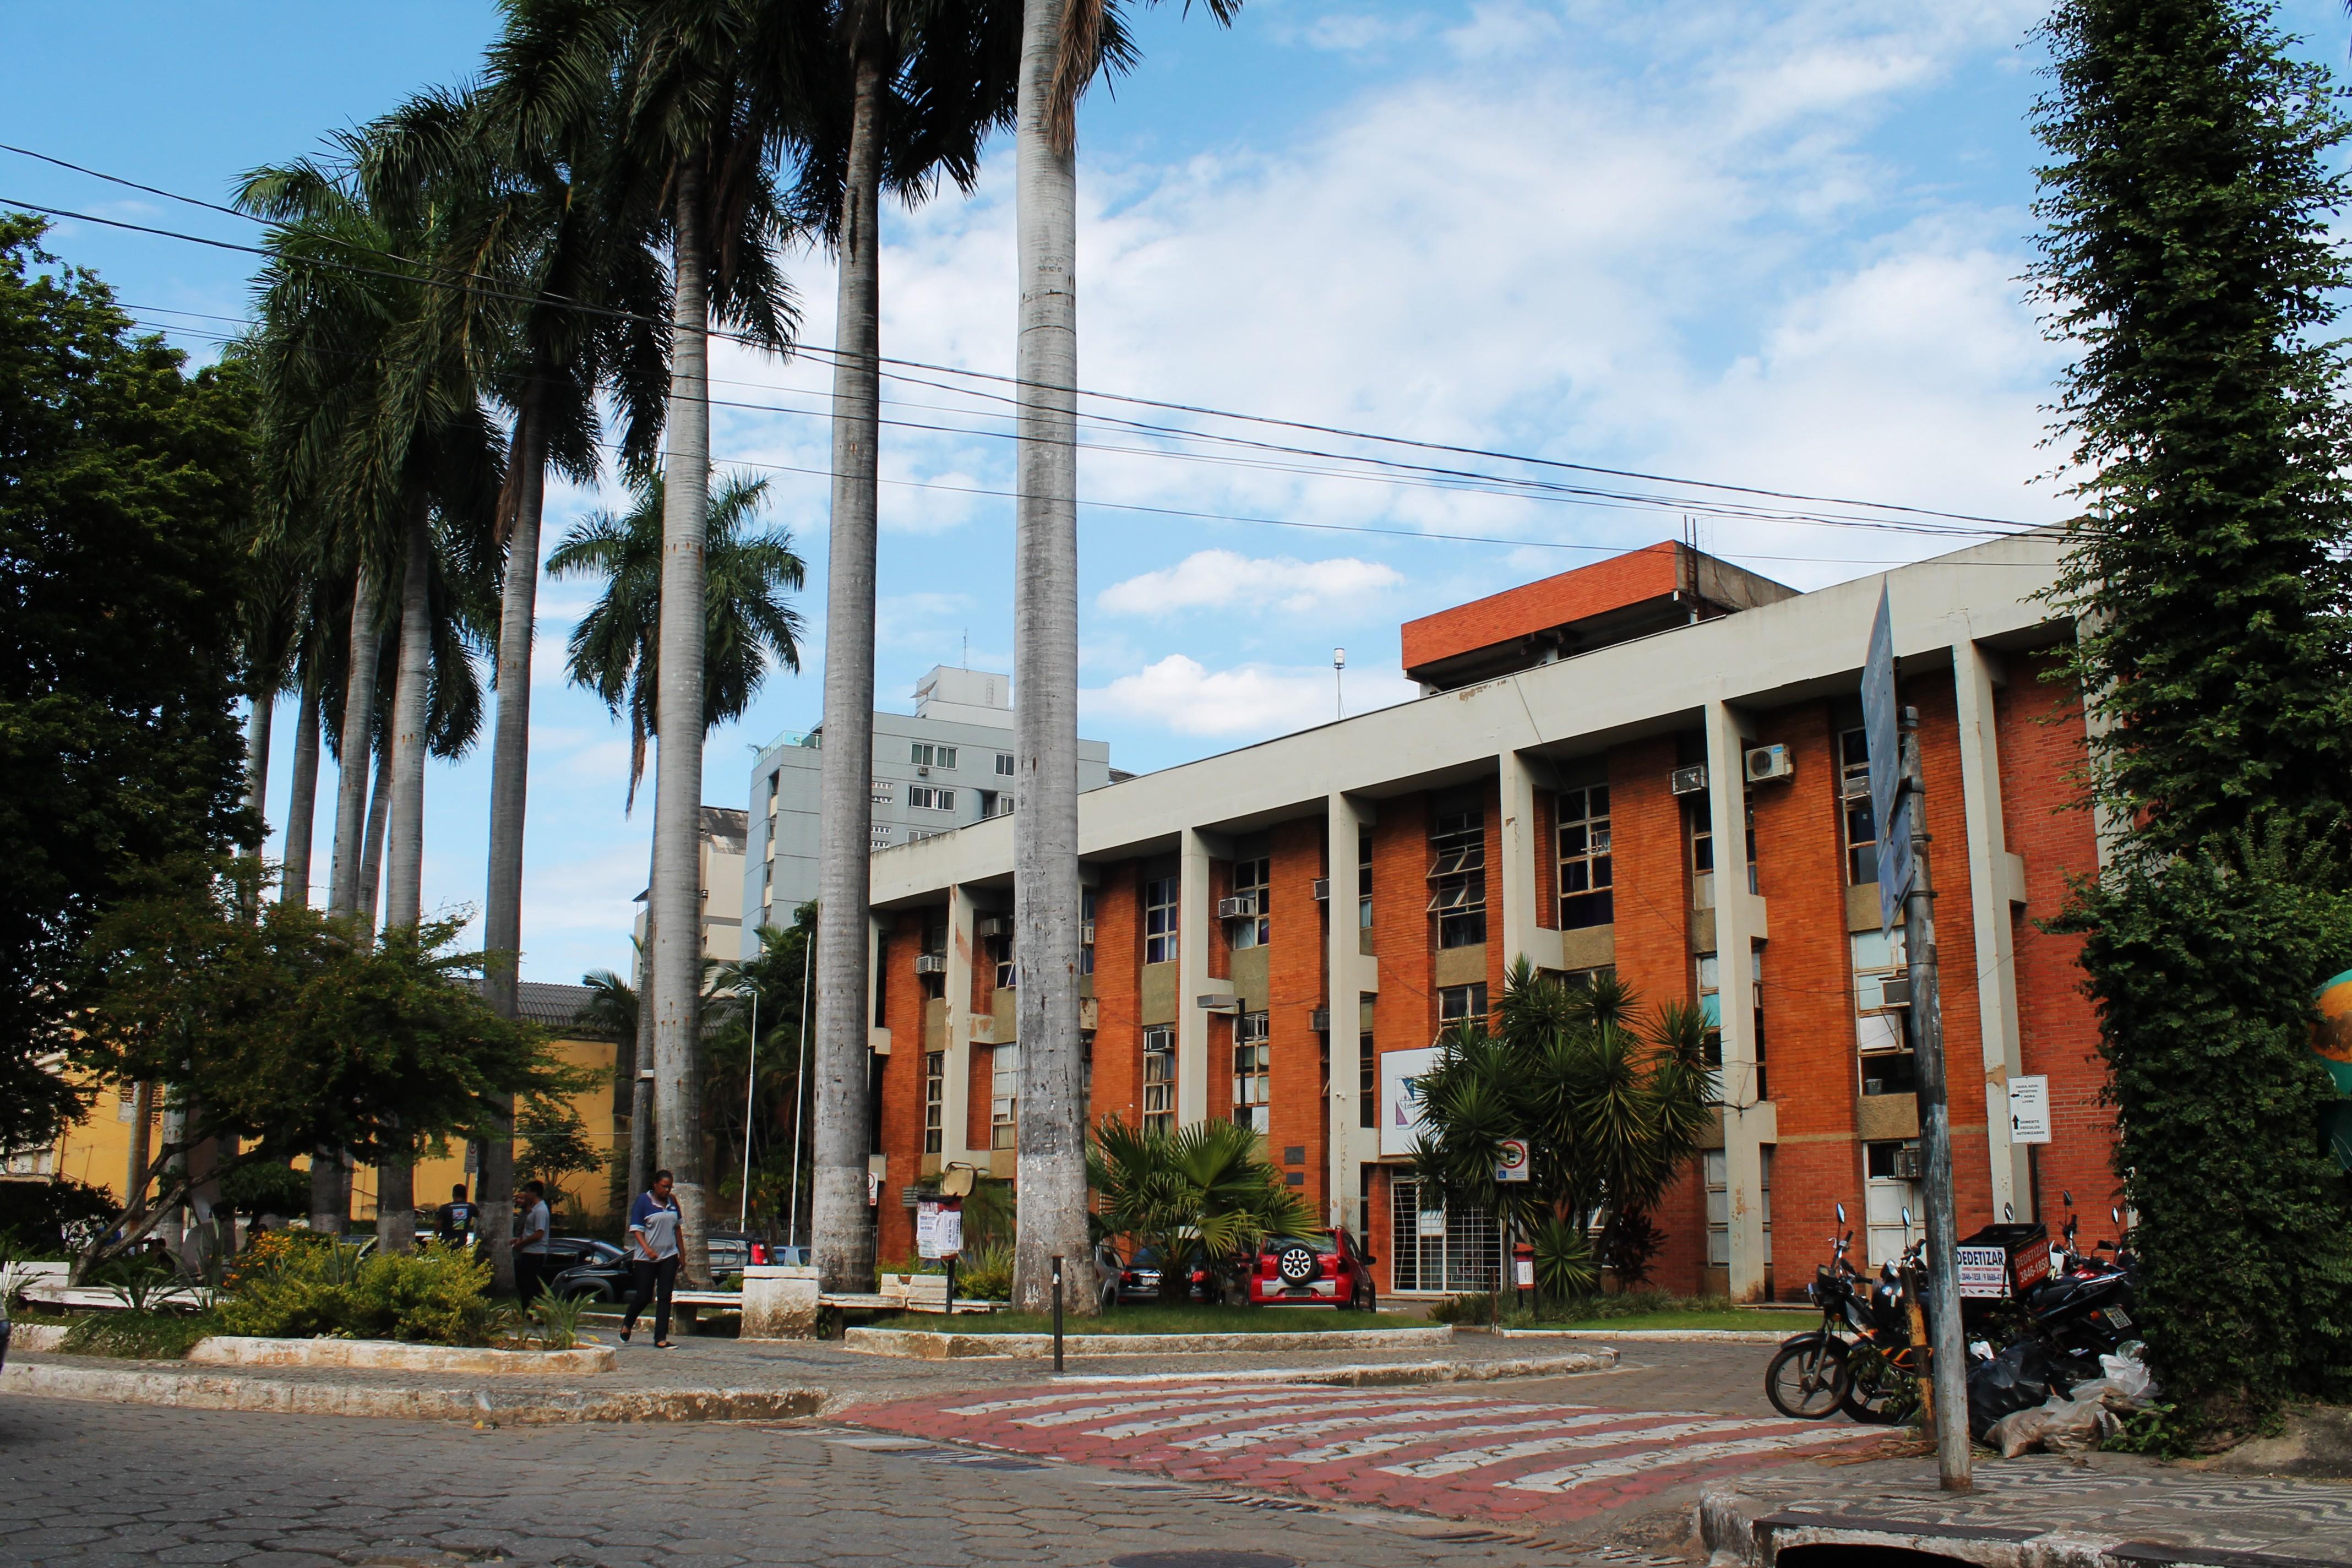 Prefeitura de Coronel Fabriciano oferece vagas em ciclo de palestras gratuitas - Notícias - Plantão Diário